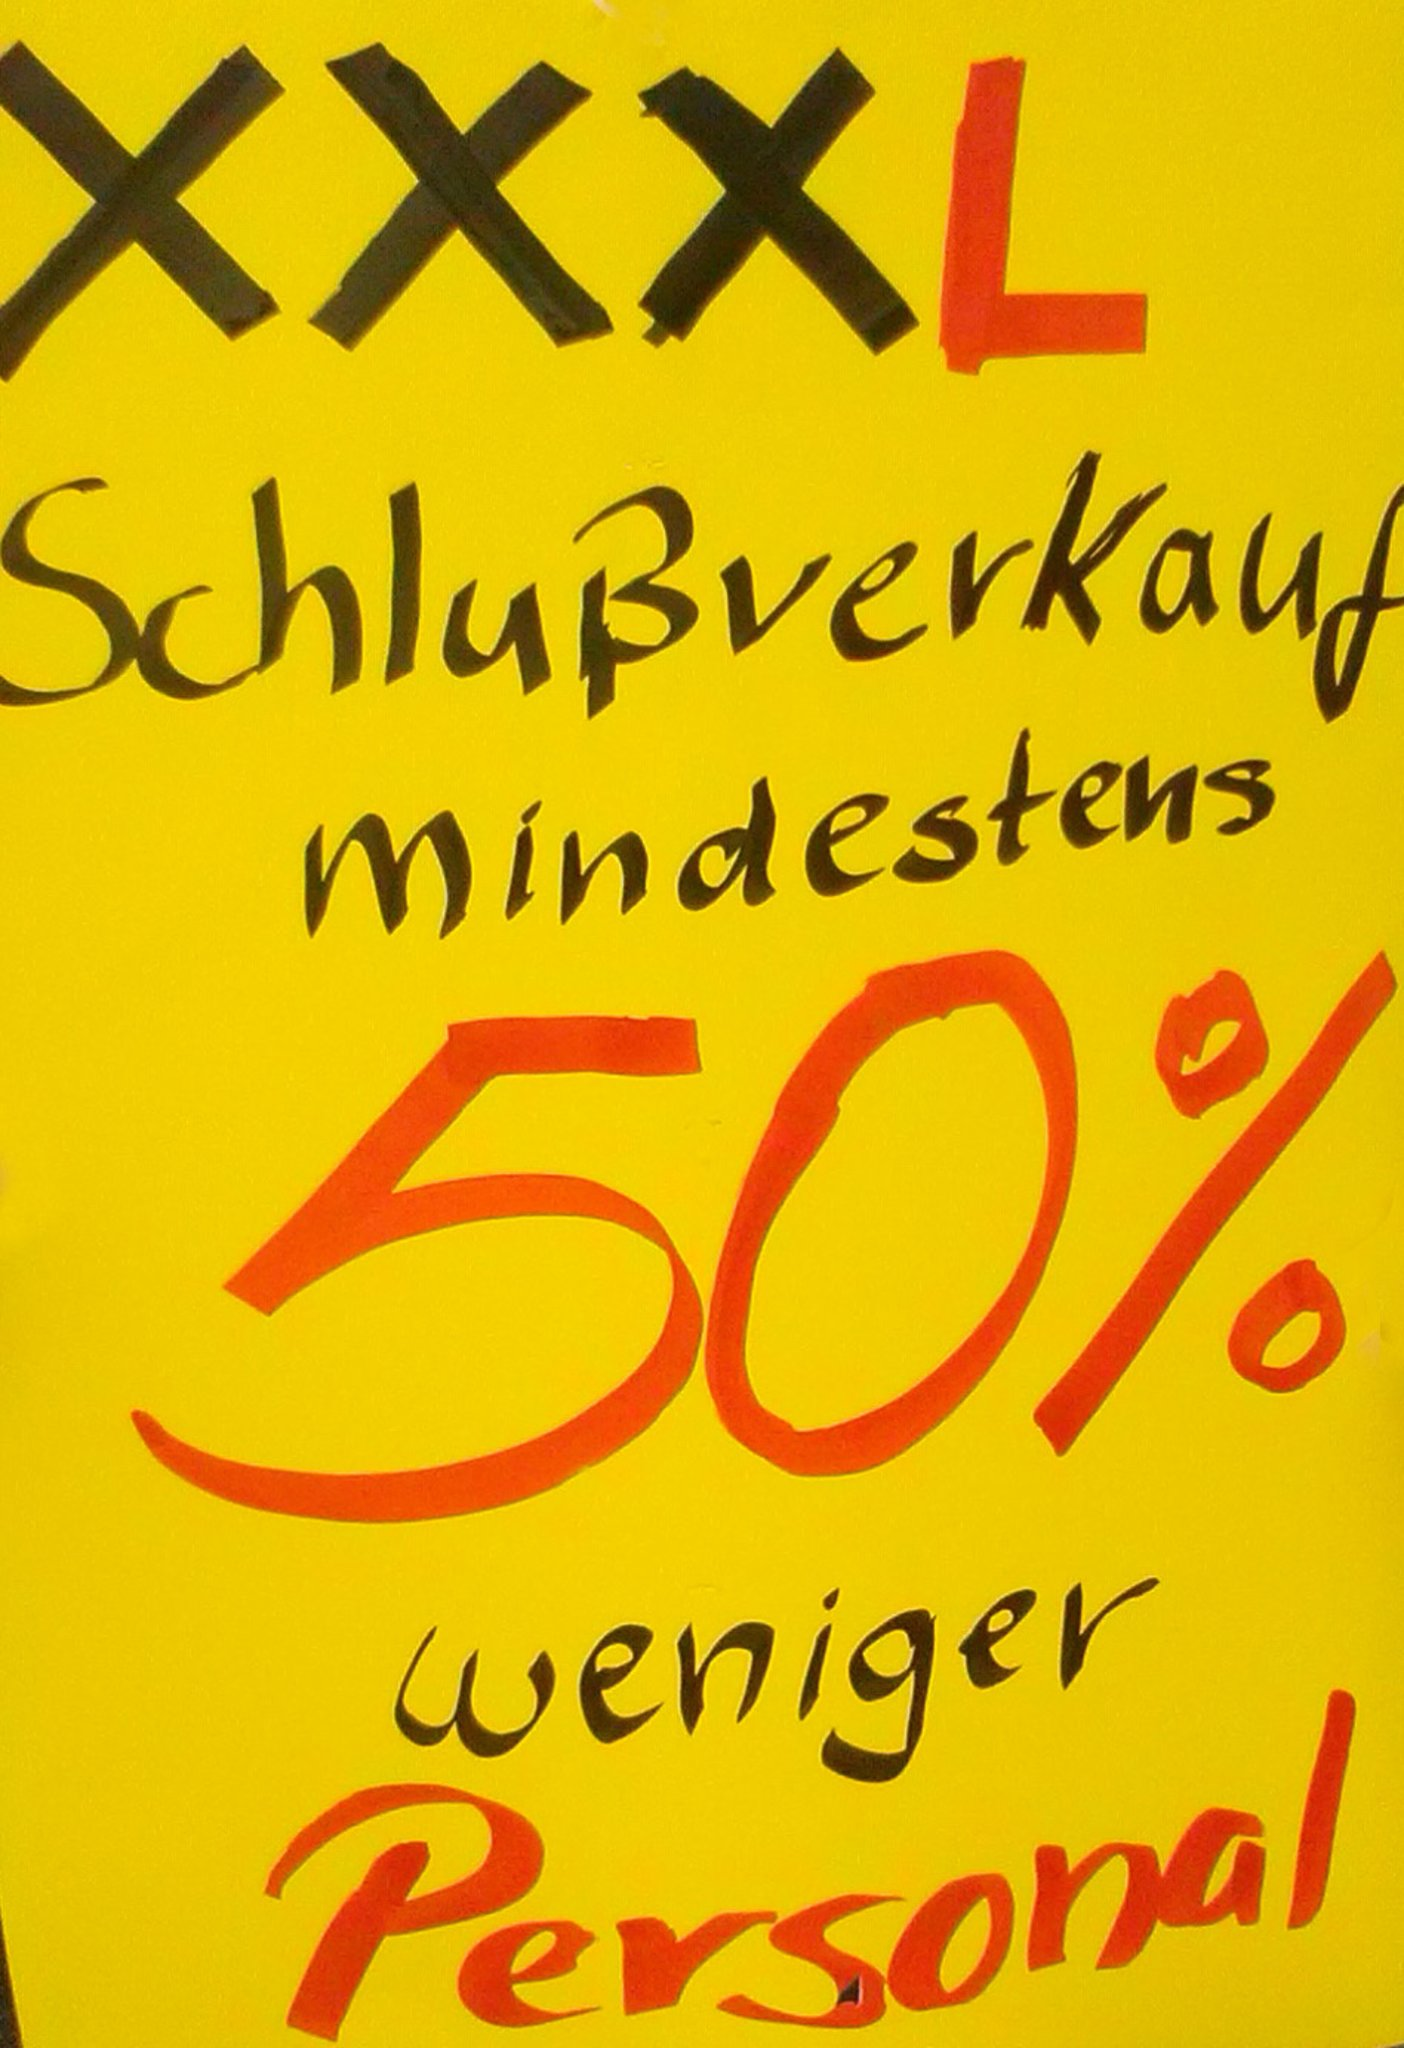 Xxxl Rück Desinformationskampagne Im Wochenanzeiger Oberhausen